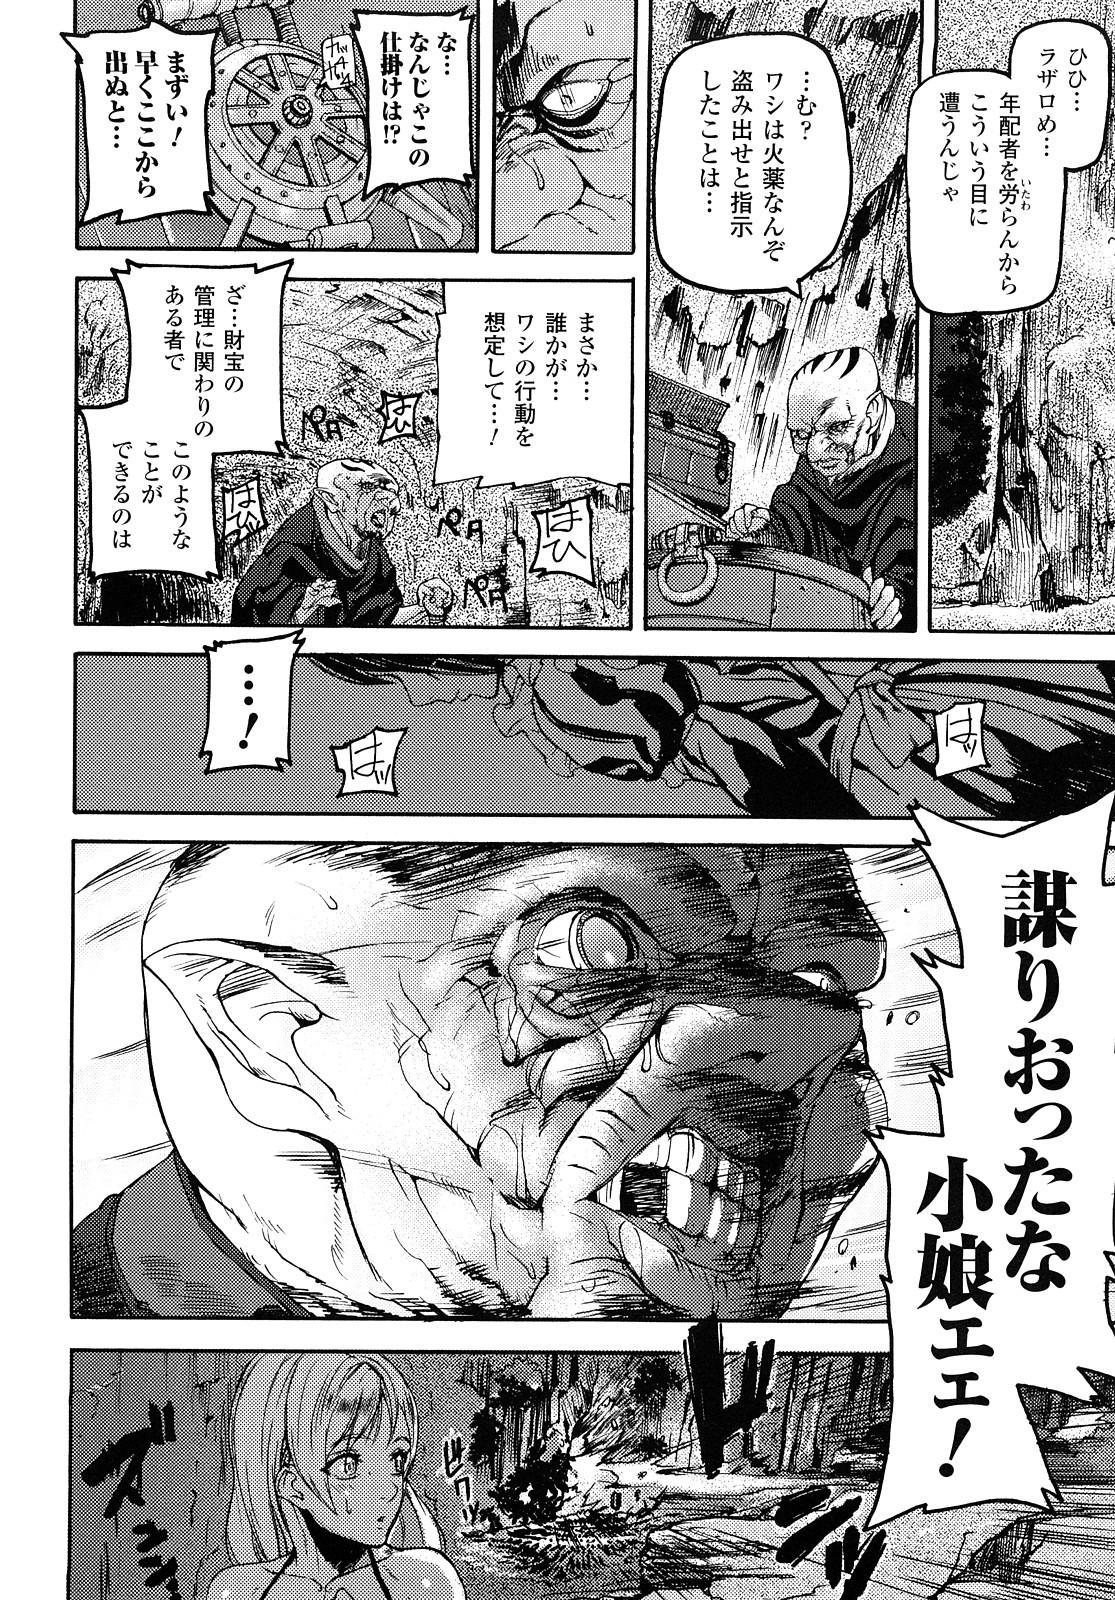 Cerberum no Hitsugi Haitoku no Hanmegami - The Coffin of Cerebrum Immoral Demivenus 126